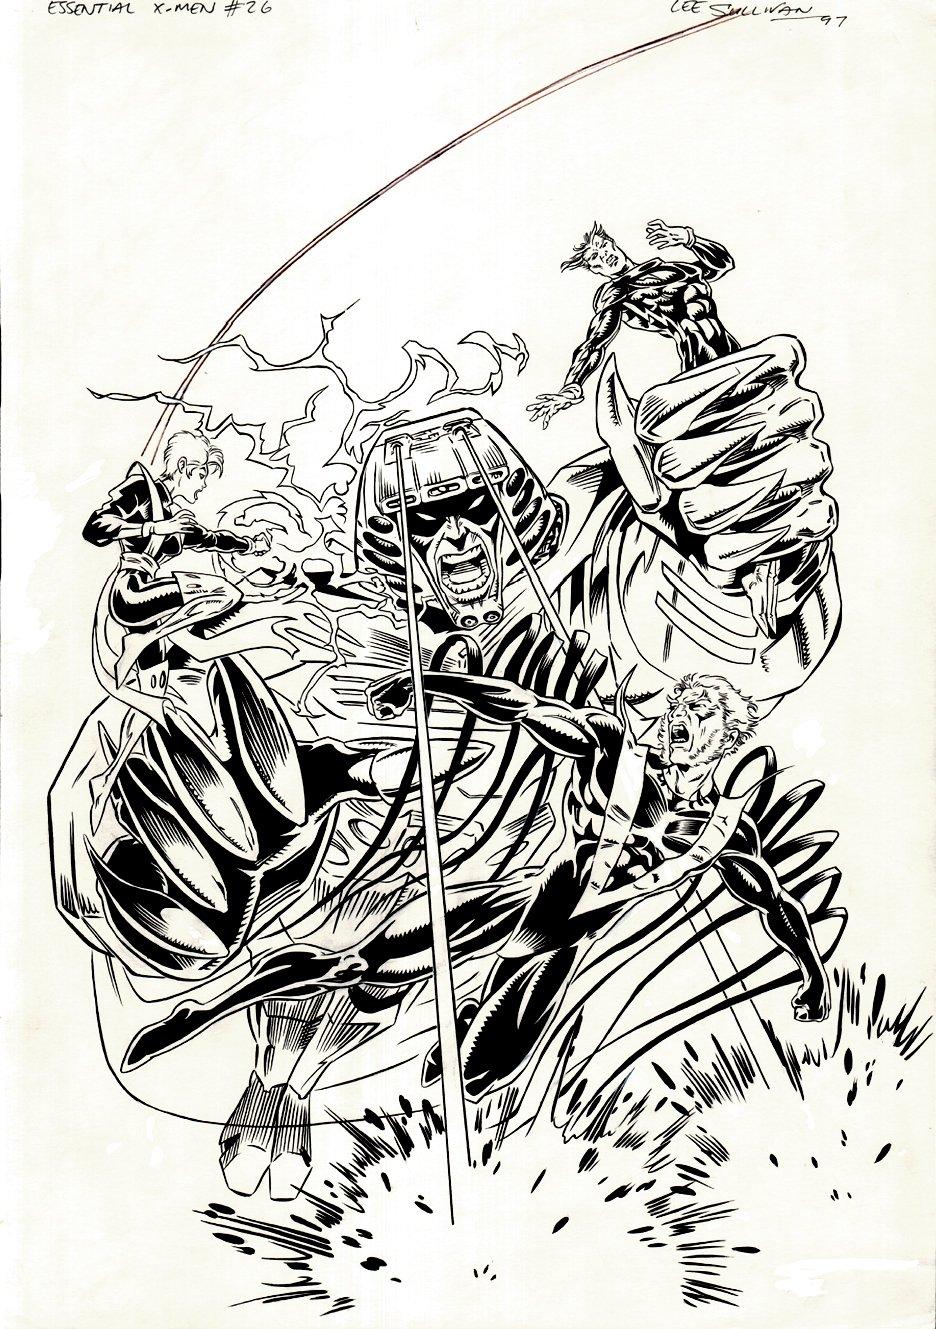 Essential X-Men #26 Cover (1997)